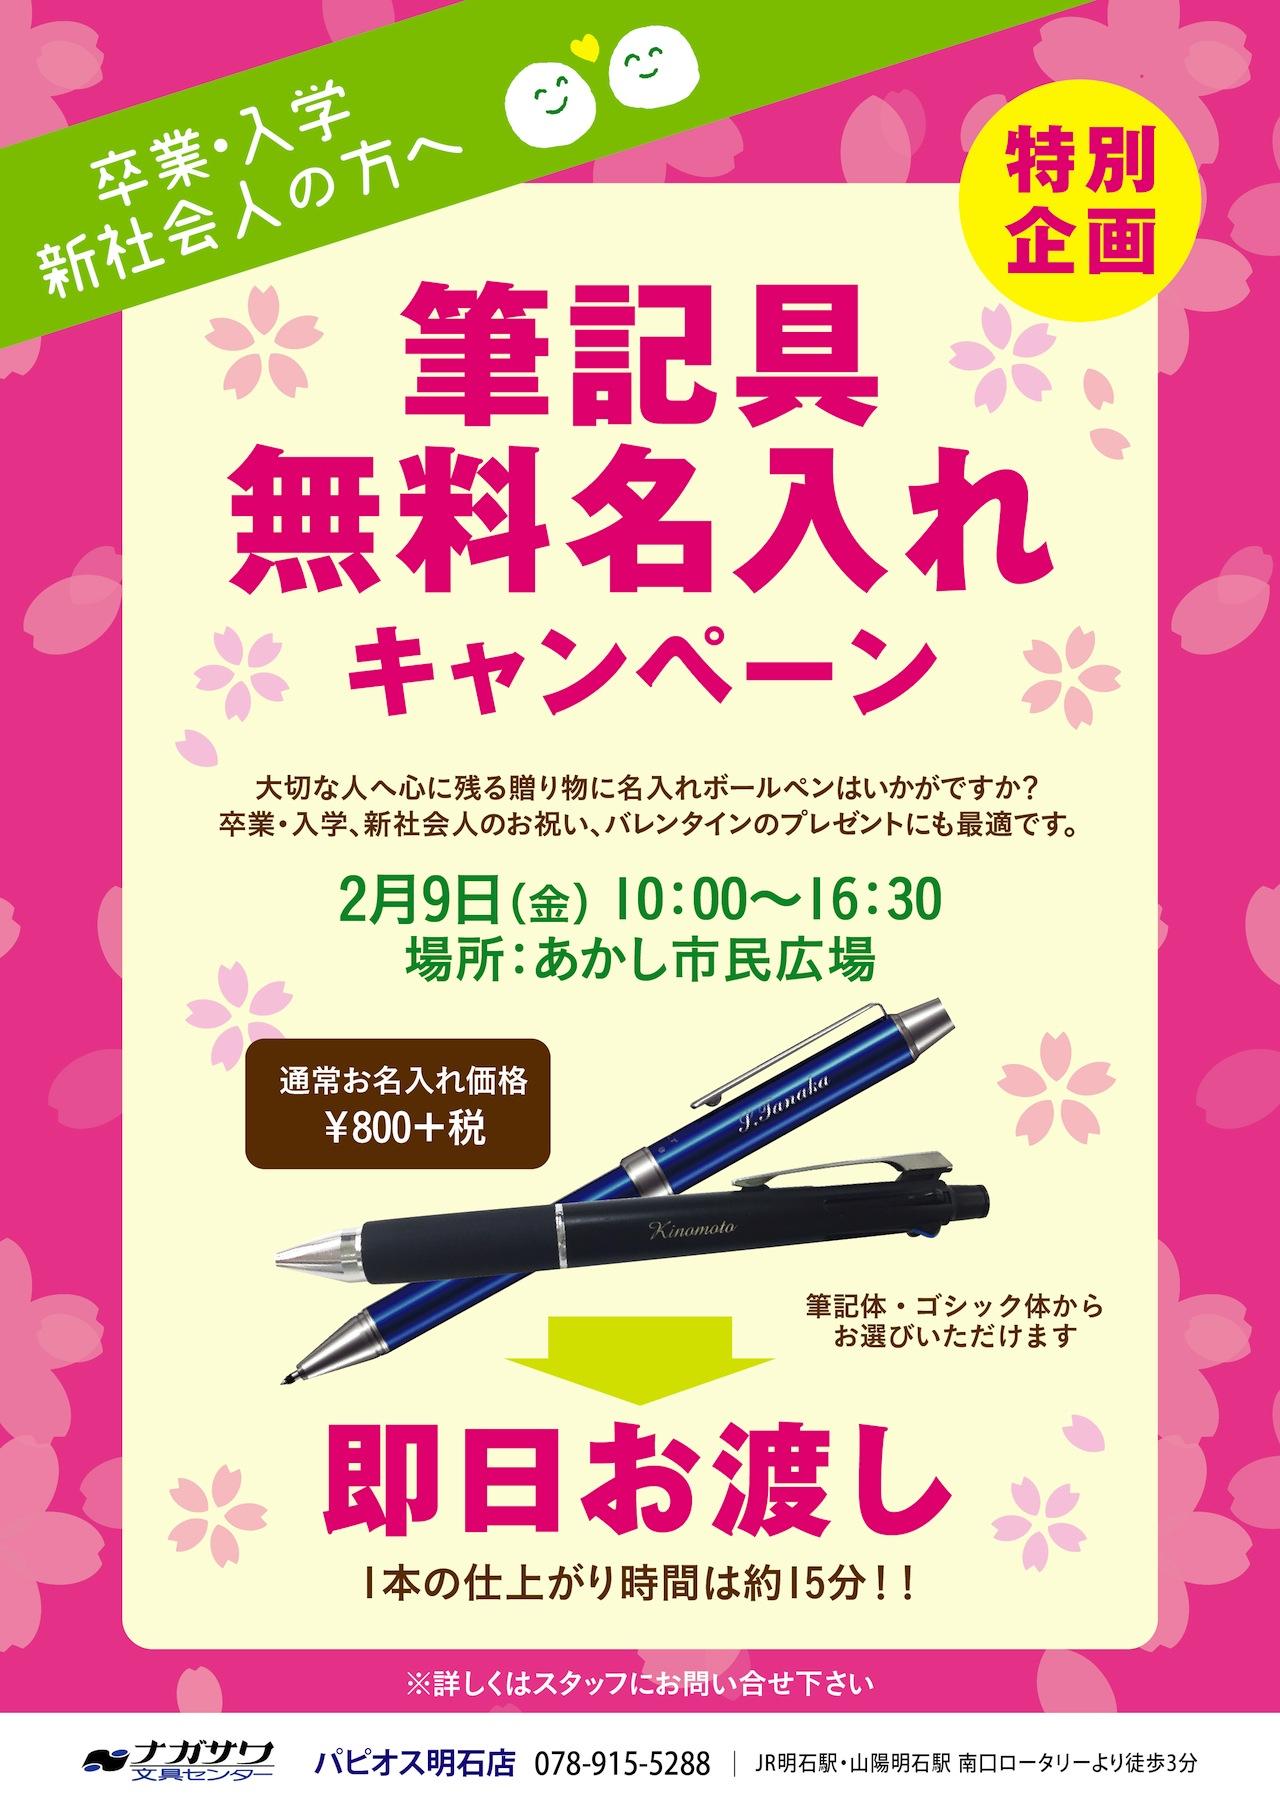 【緊急特別企画】筆記具無料名入れキャンペーン|パピオス明石店